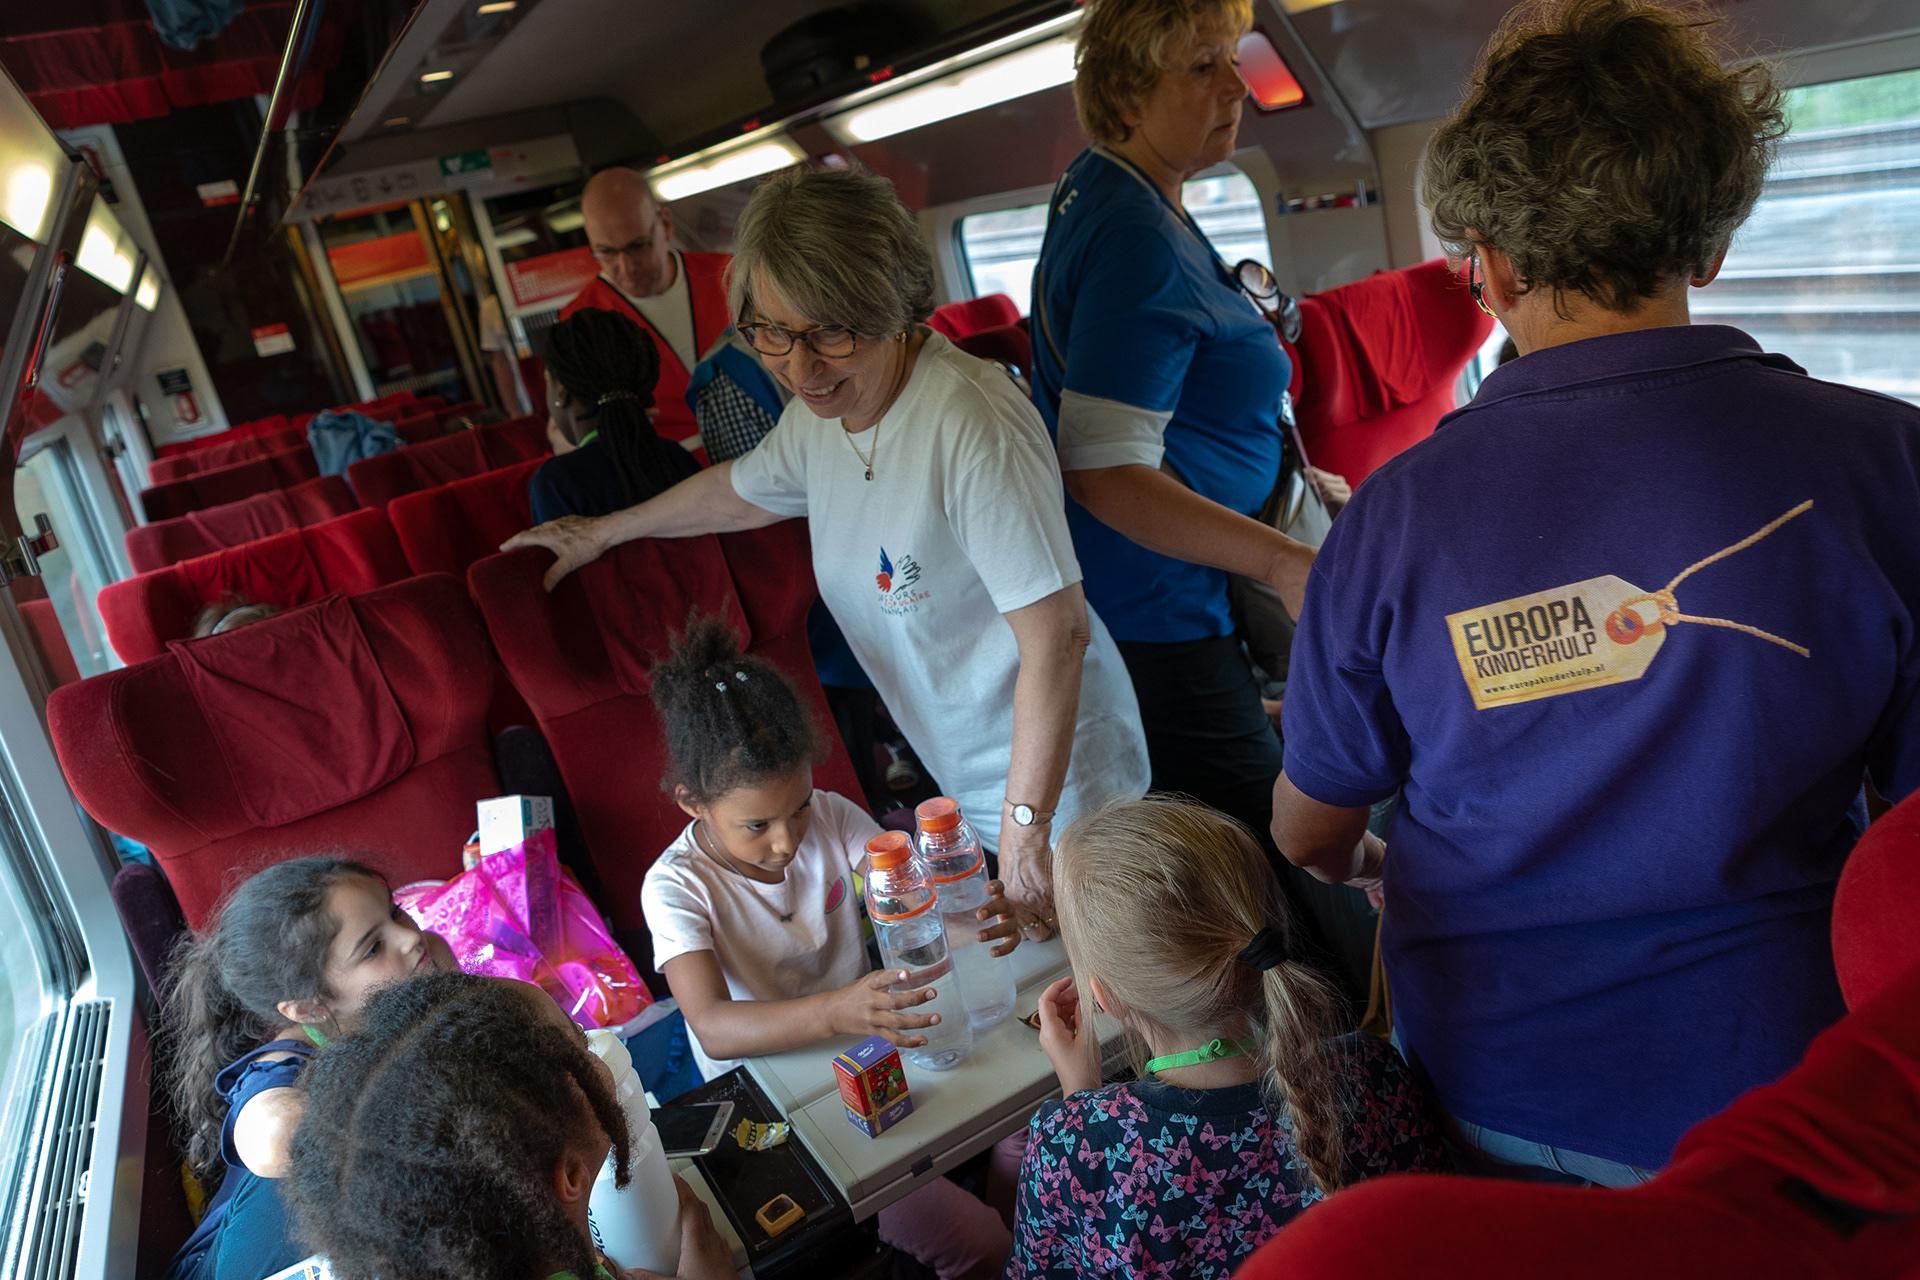 Pour le retour, les enfants étaient entourés par du personnel de Thalys et des bénévoles du Secours populaire et d'Europa Kinderhulp.